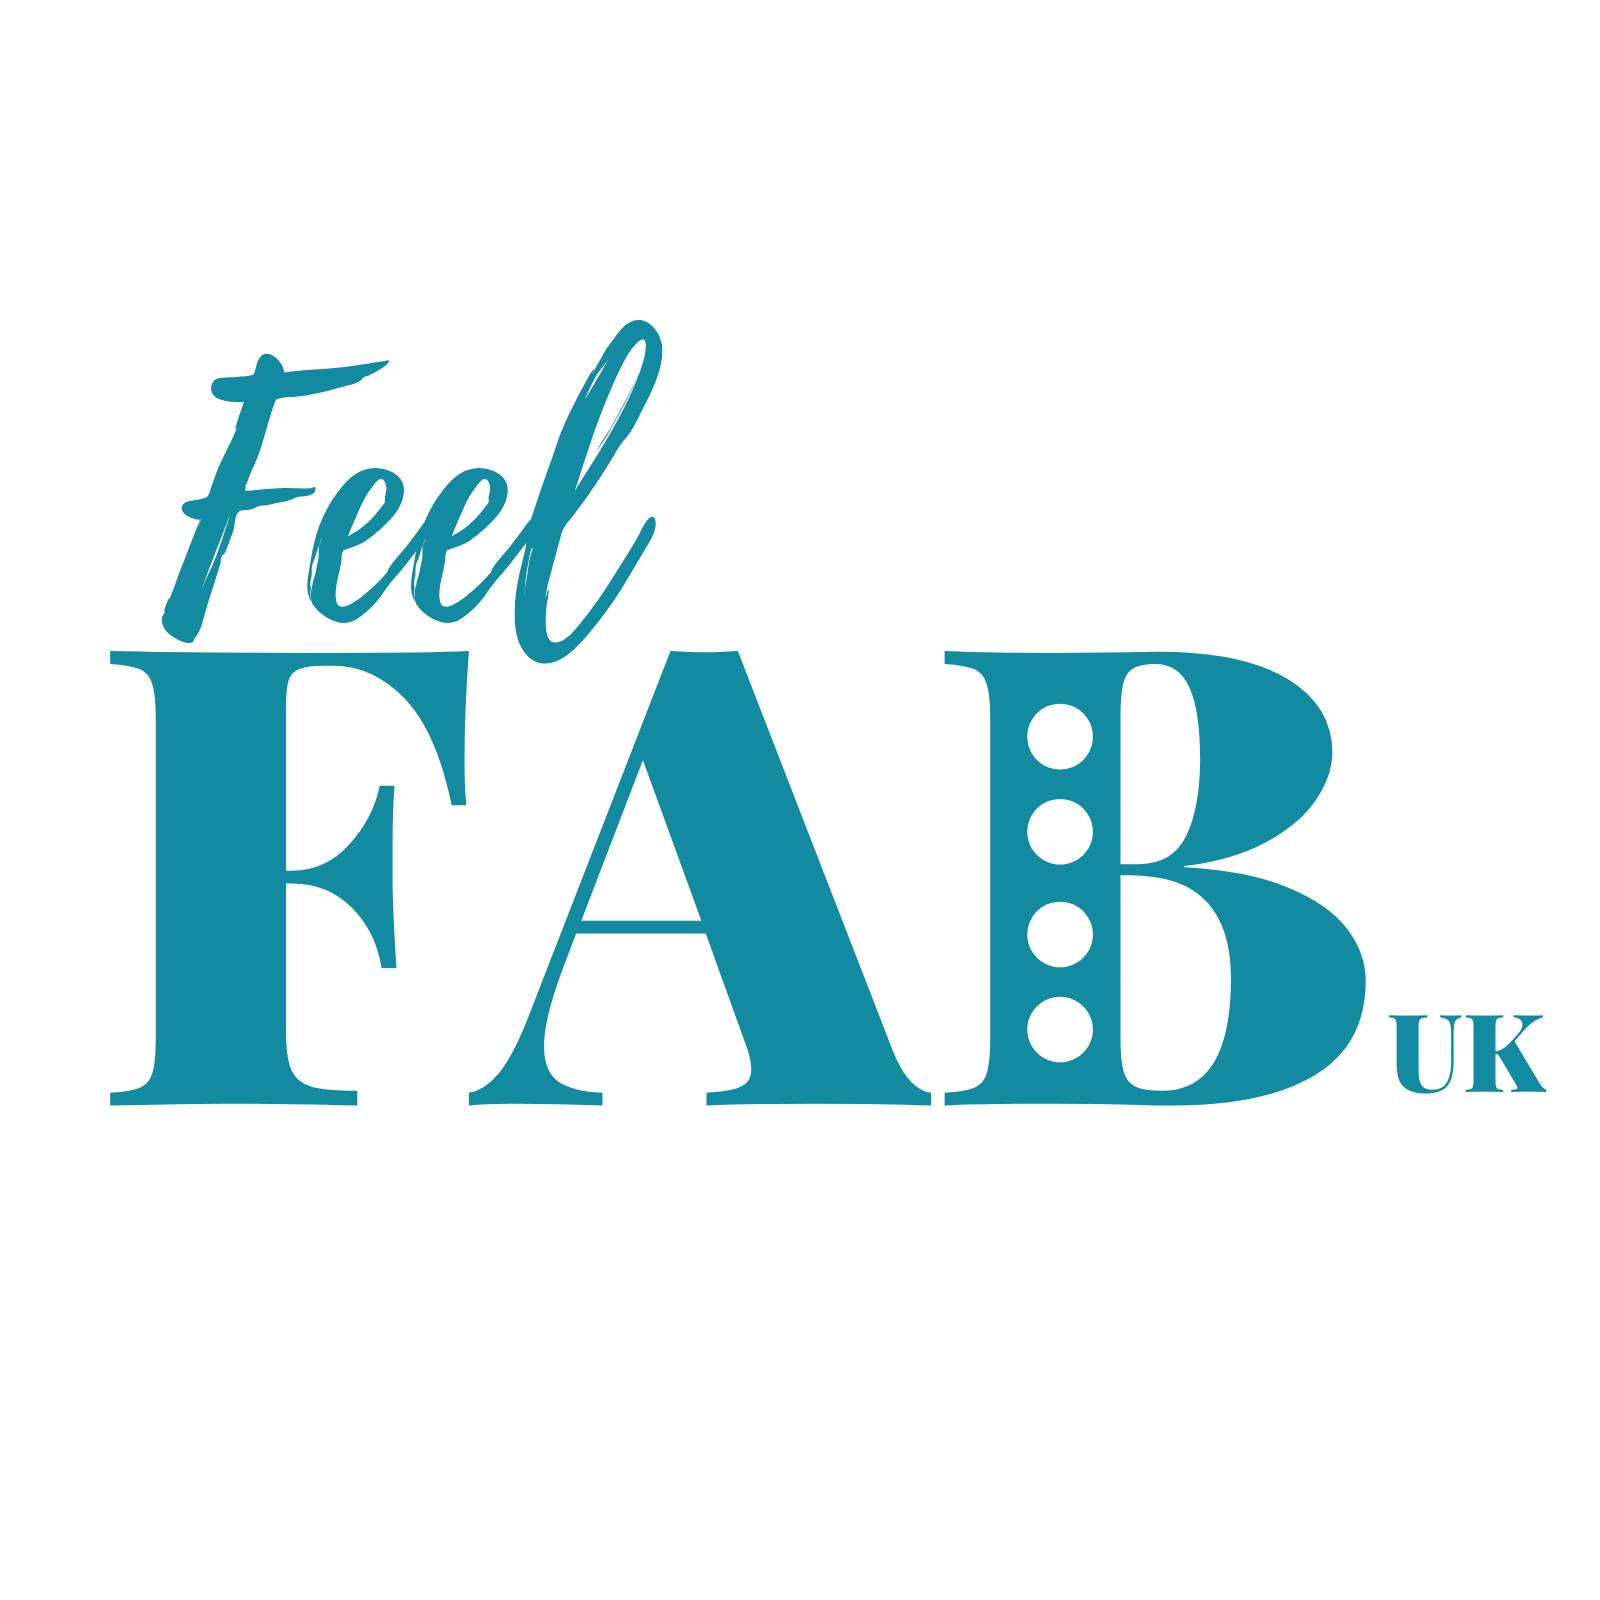 Feel Fab UK